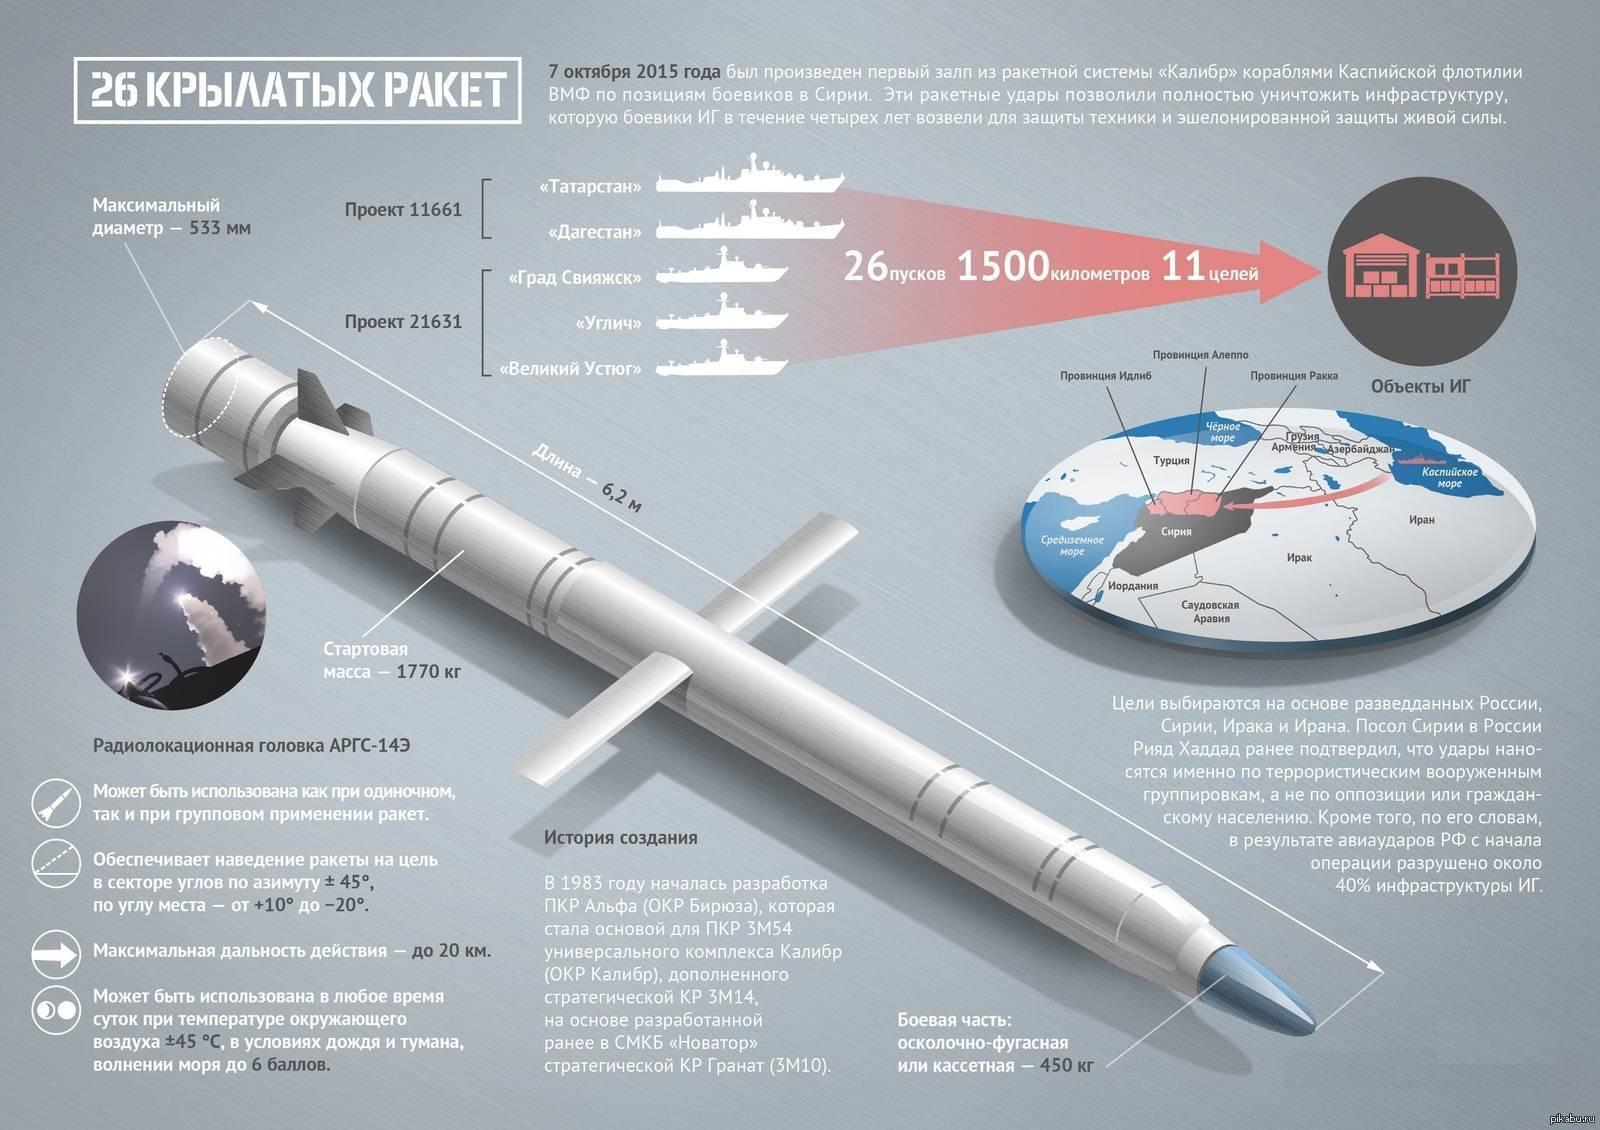 Калибр (крылатая ракета) википедия